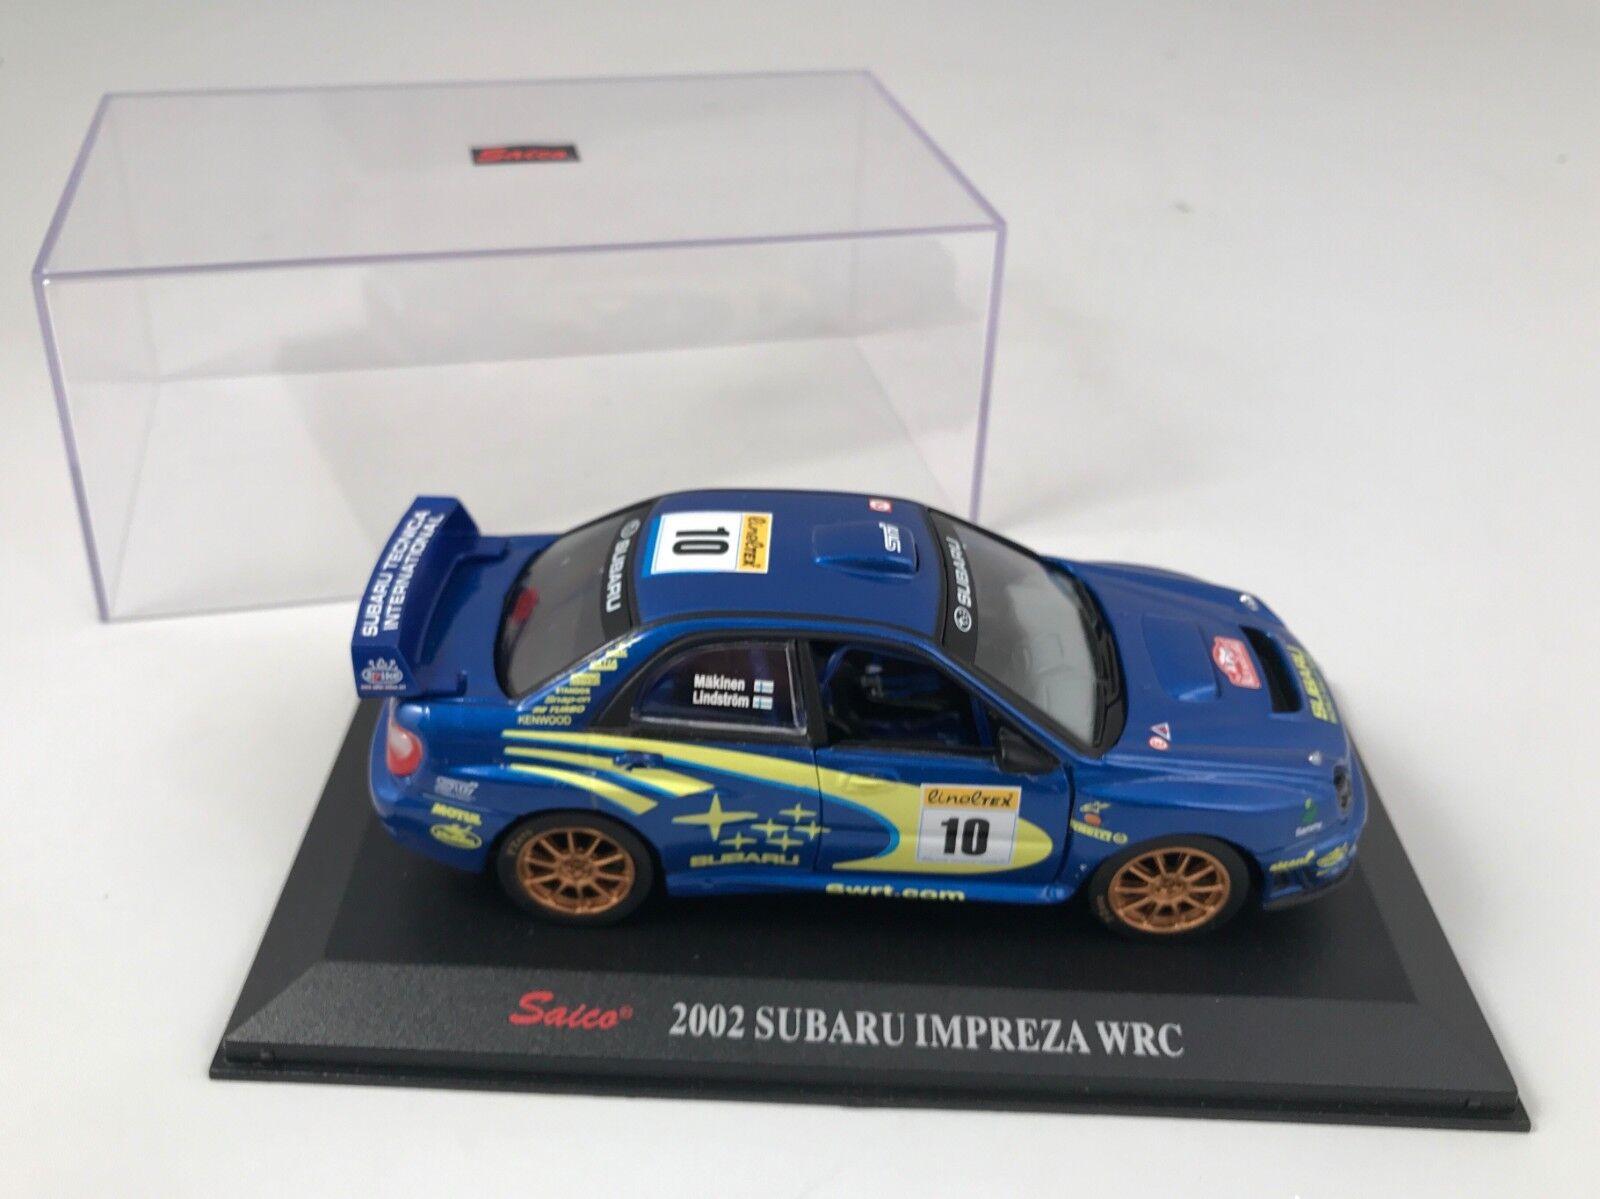 Saico 2002 Subaru Impreza WRC échelle 1 32 - moulé sous pression modélisme